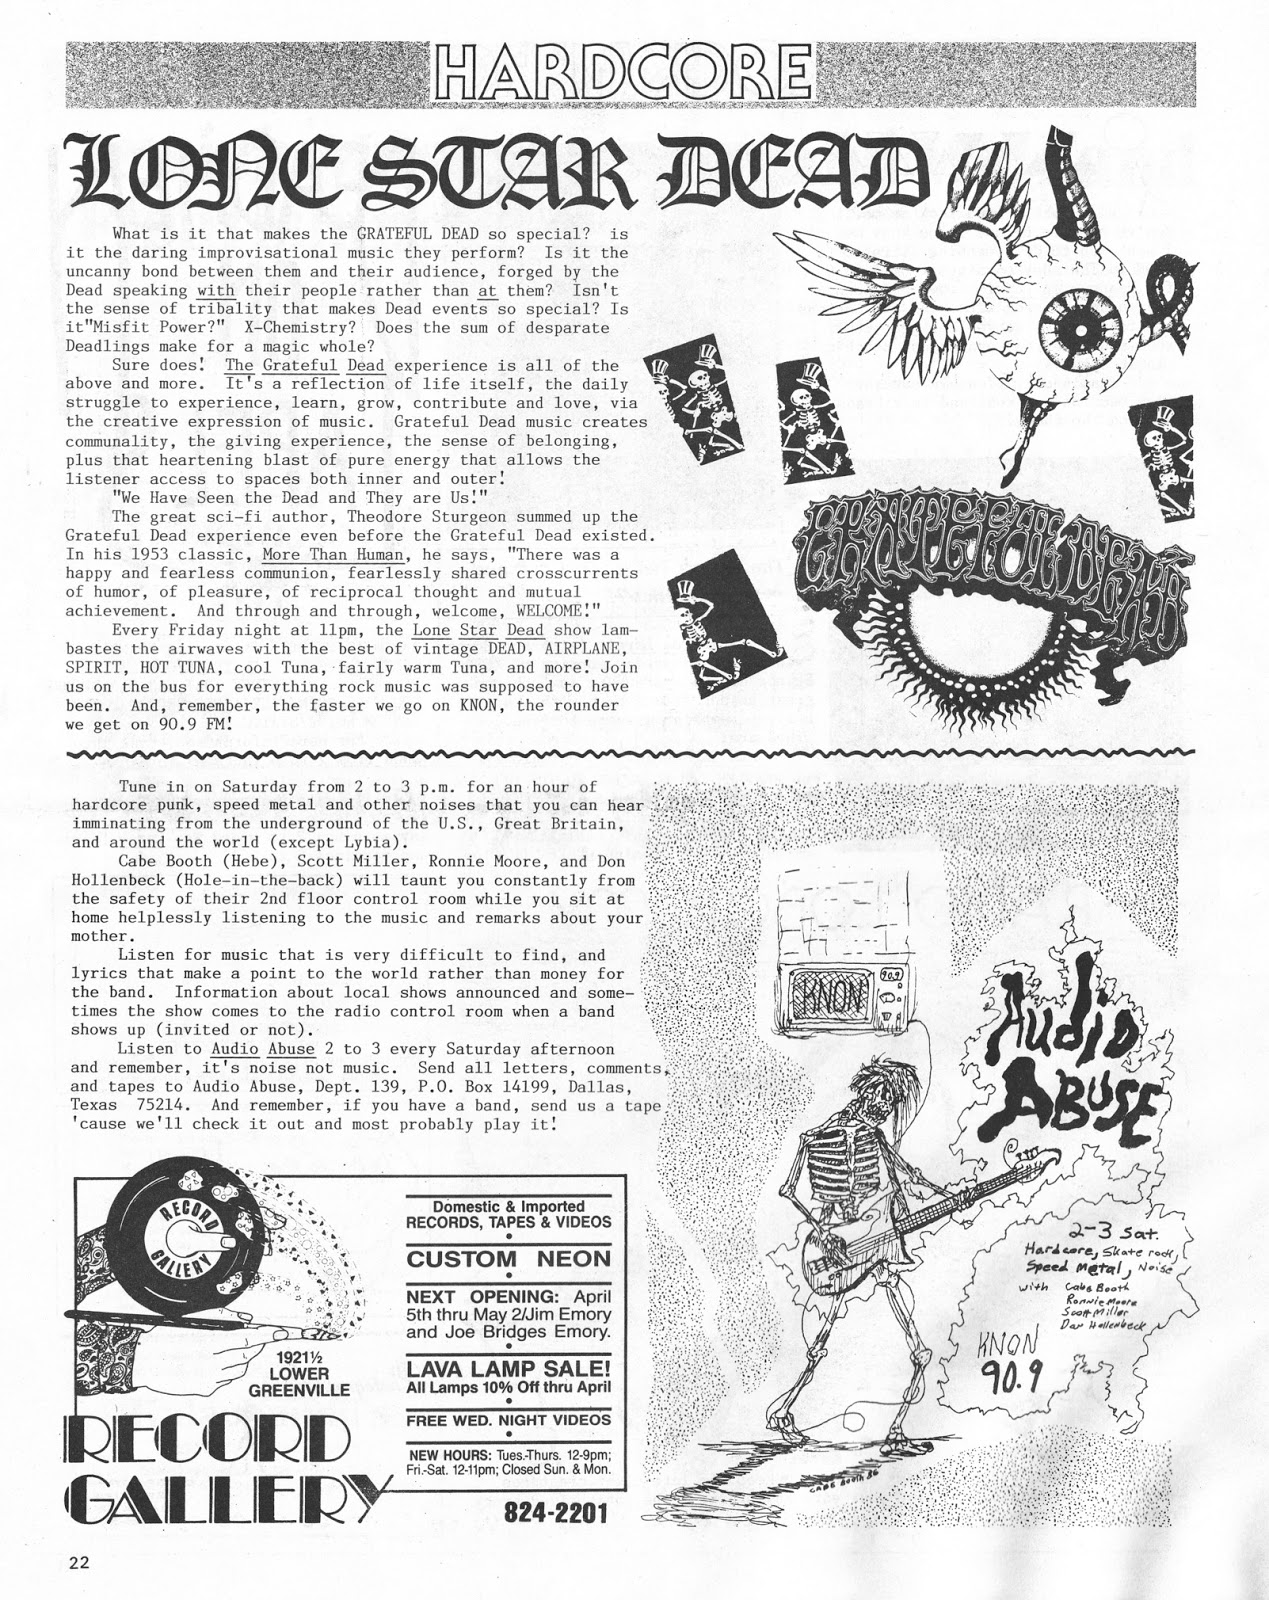 scrapbook-1986-issue-3-p22